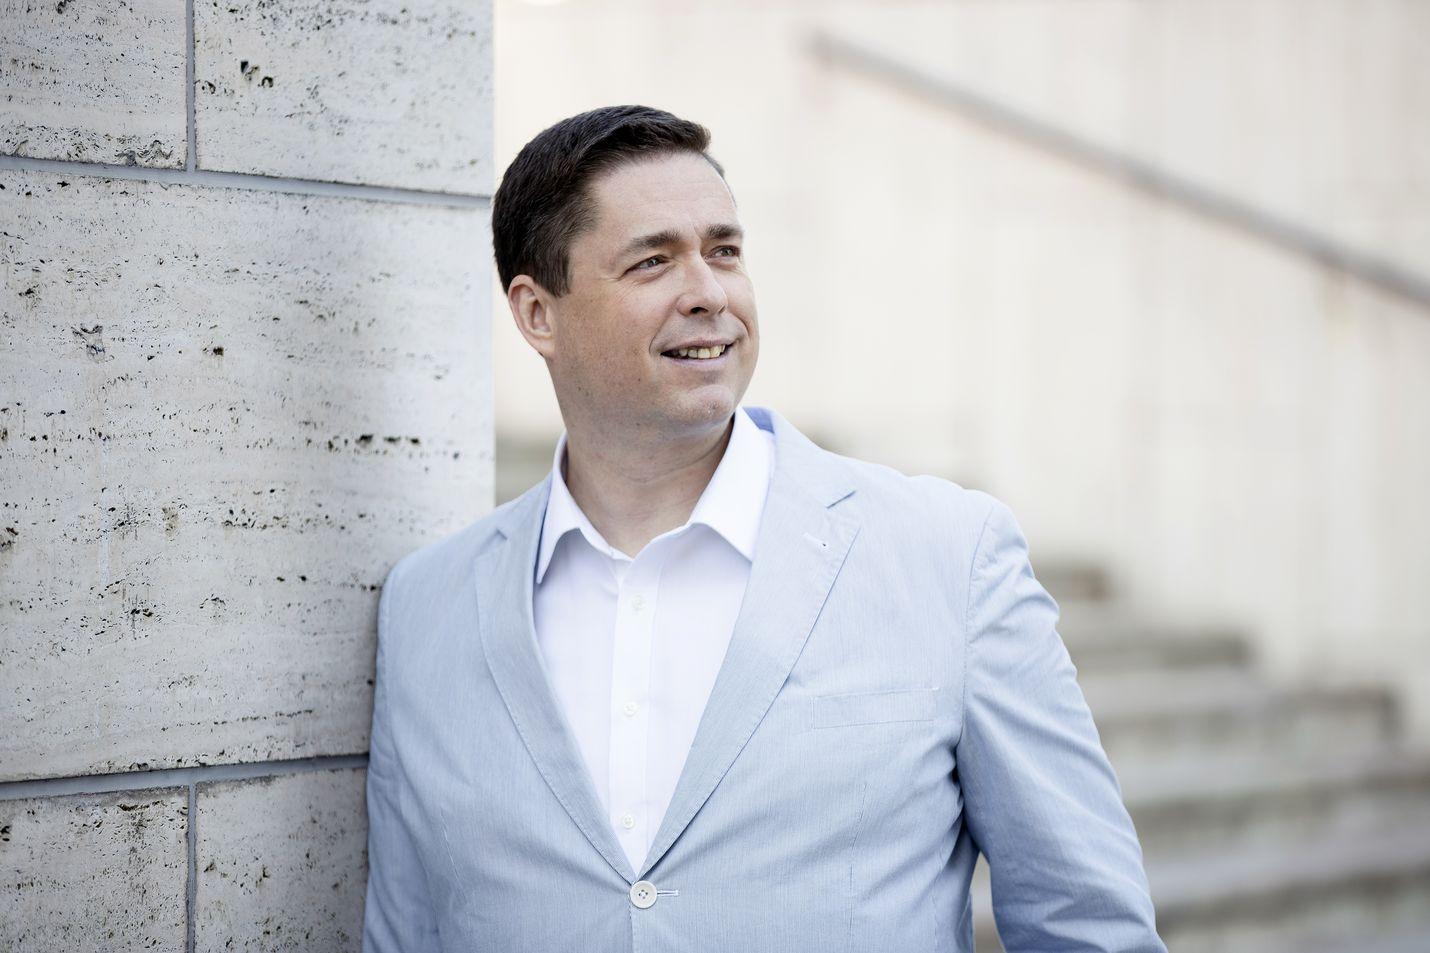 David Mac Dougall kehuu nyky-Suomen päättäjien ja ihmisten valmiutta antaa haastatteluja englanniksi. – Poliitikot tuntuvat miettivän vastauksiaan tarkemmin puhuessaan englantia. Suomeksi tulee helpommin valmis vastaus.